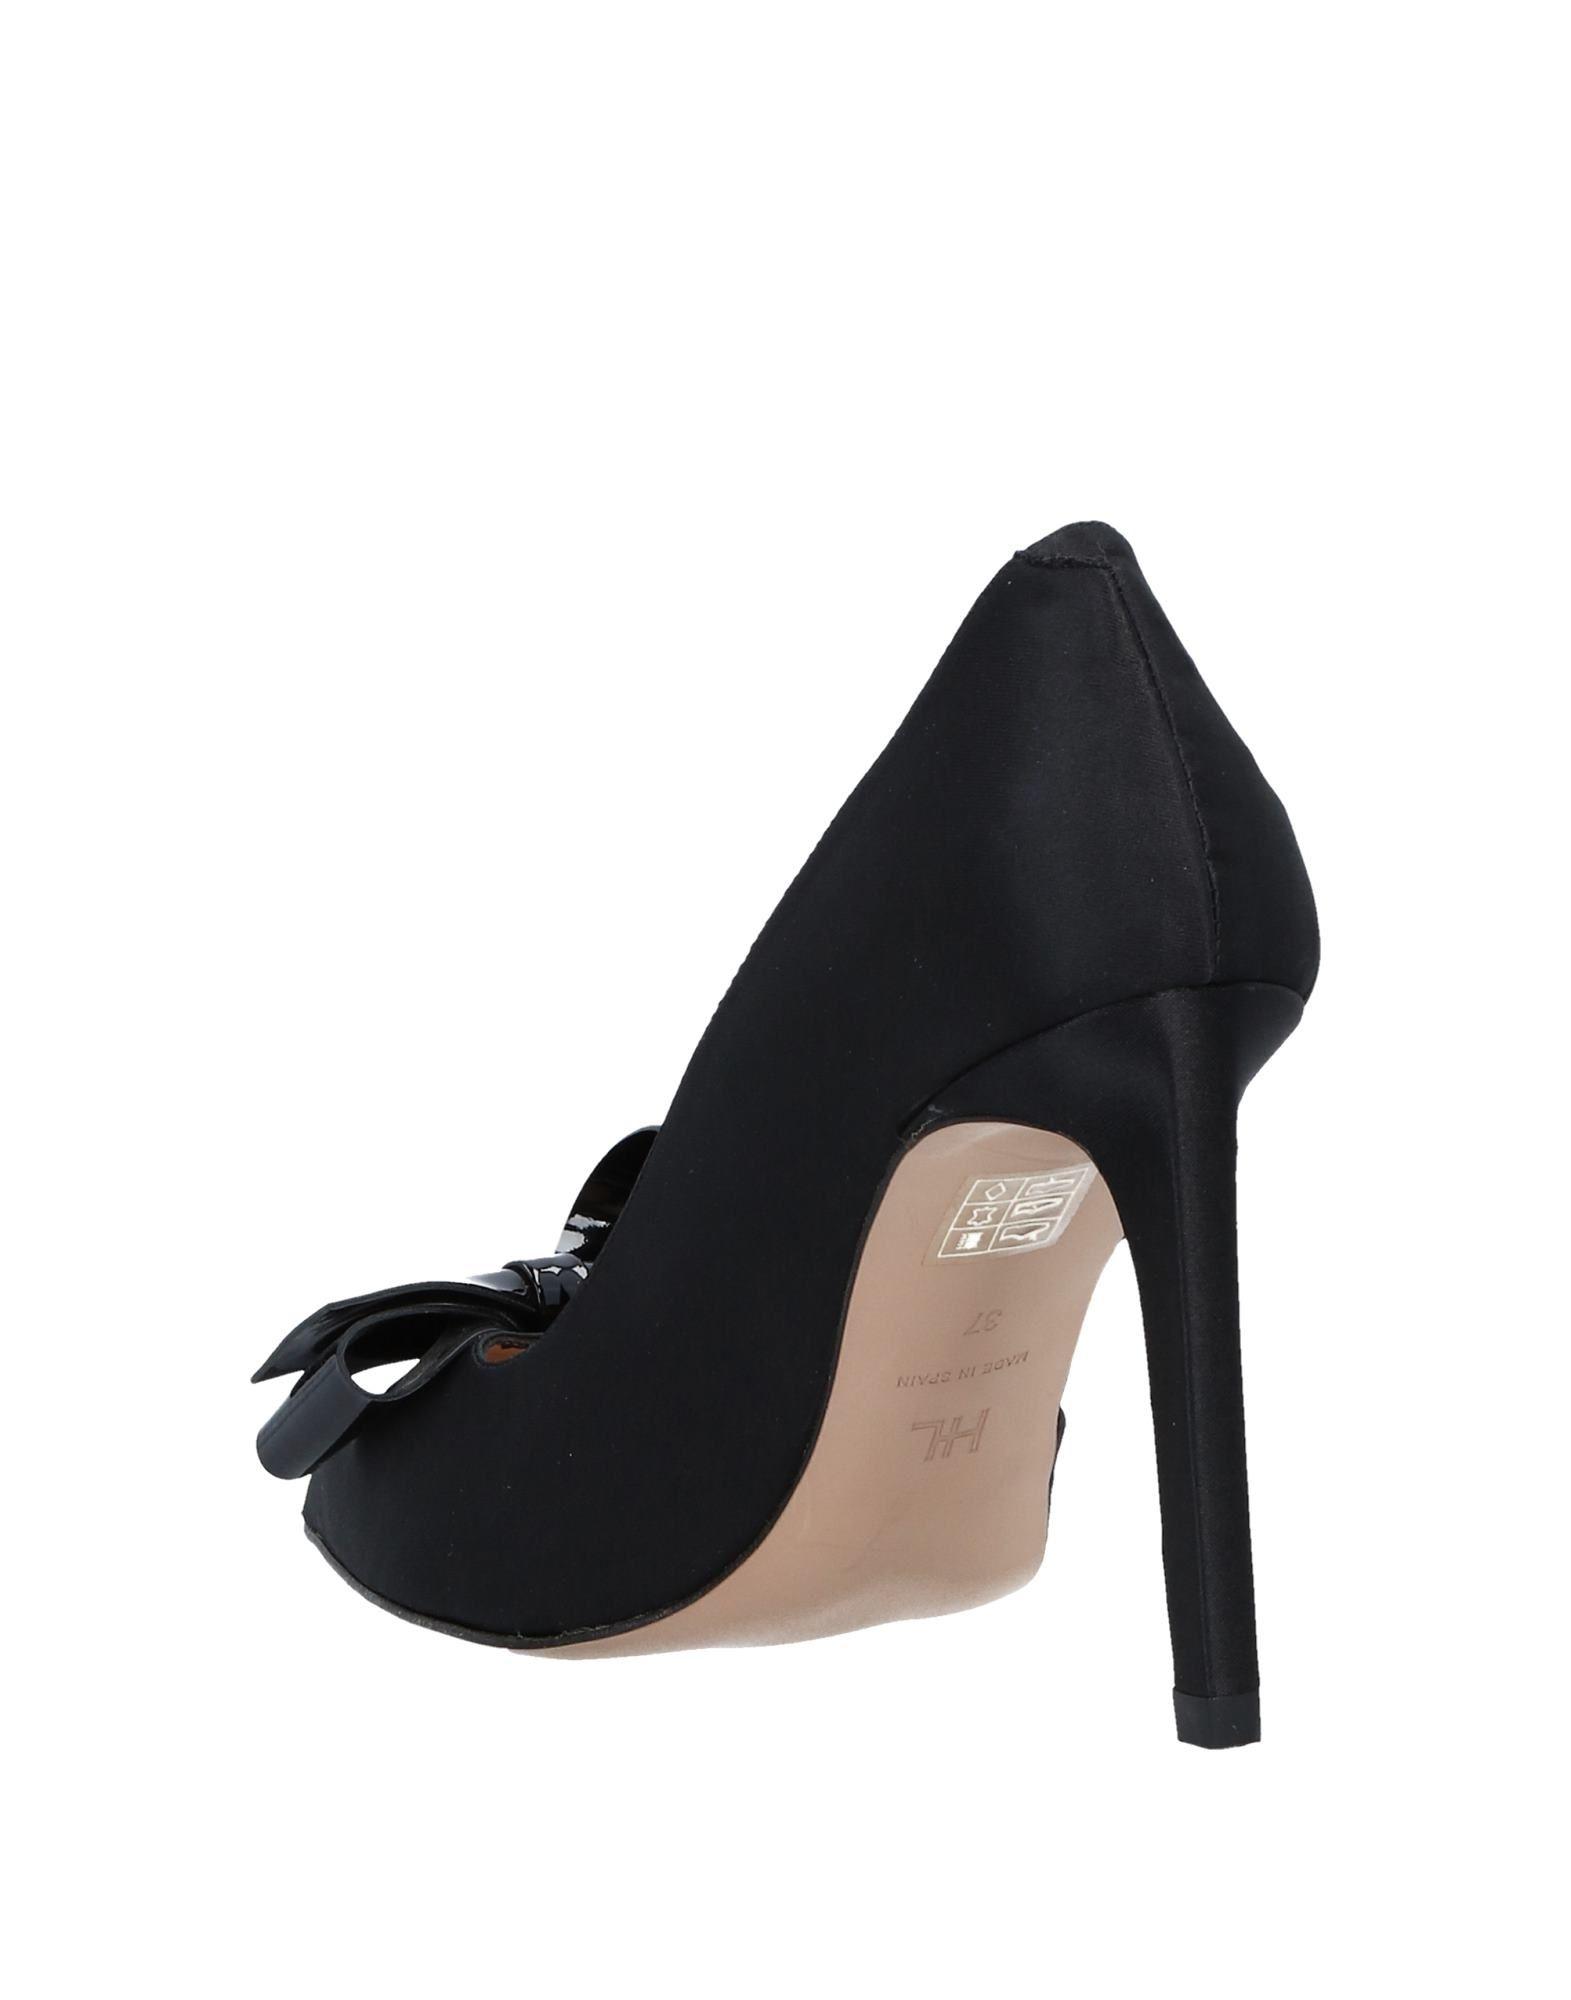 Hannibal Laguna Pumps Damen  Schuhe 11541735FD Gute Qualität beliebte Schuhe  424ea7